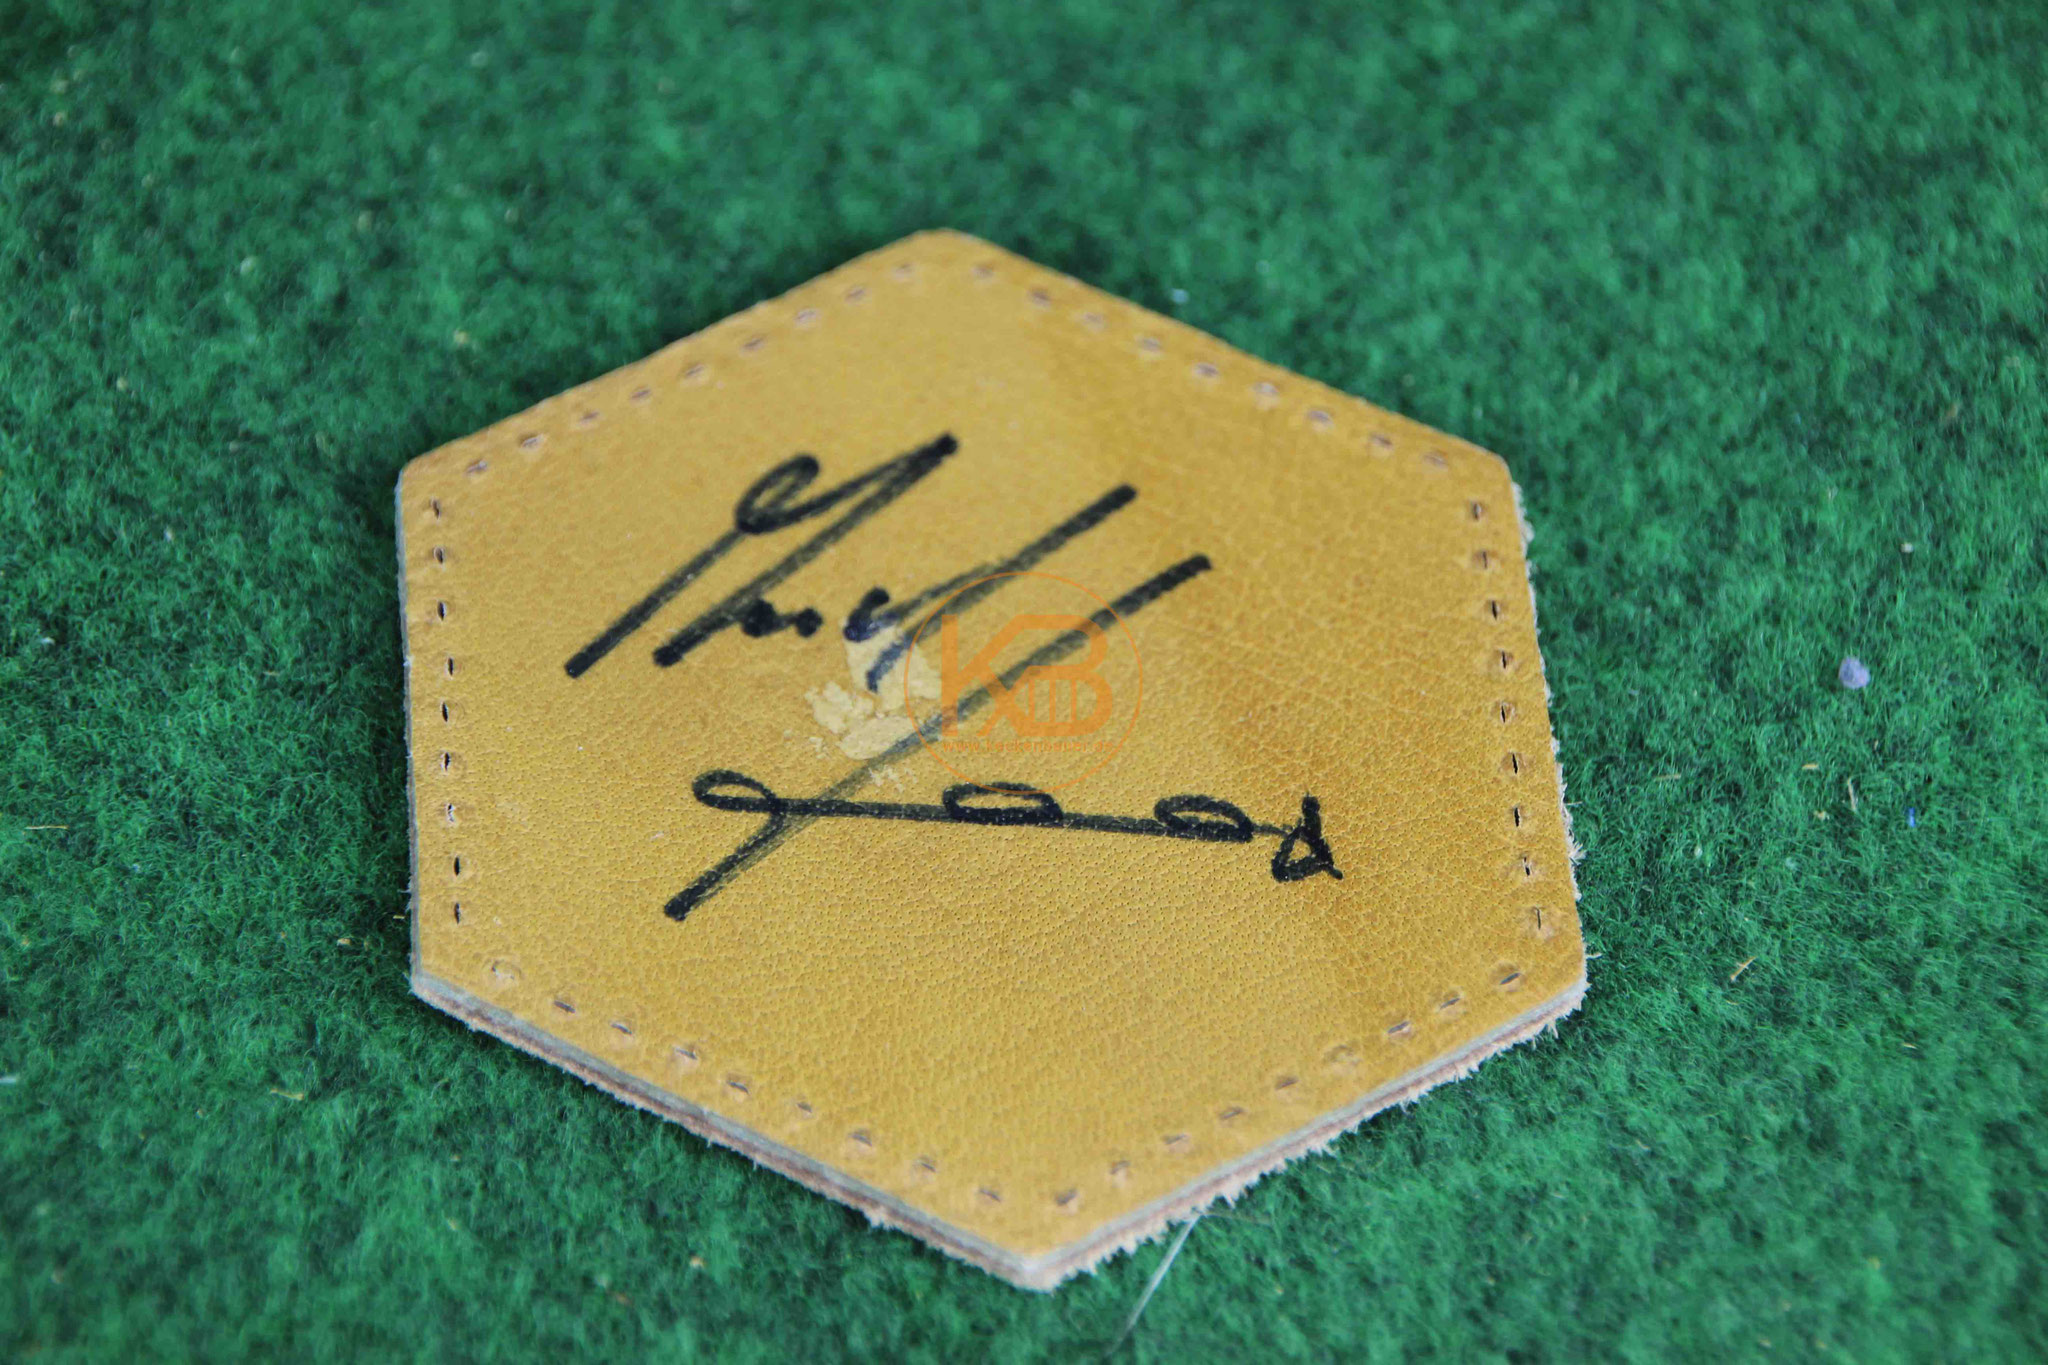 """Original Autogramm von Erich """"Ete"""" Beer"""